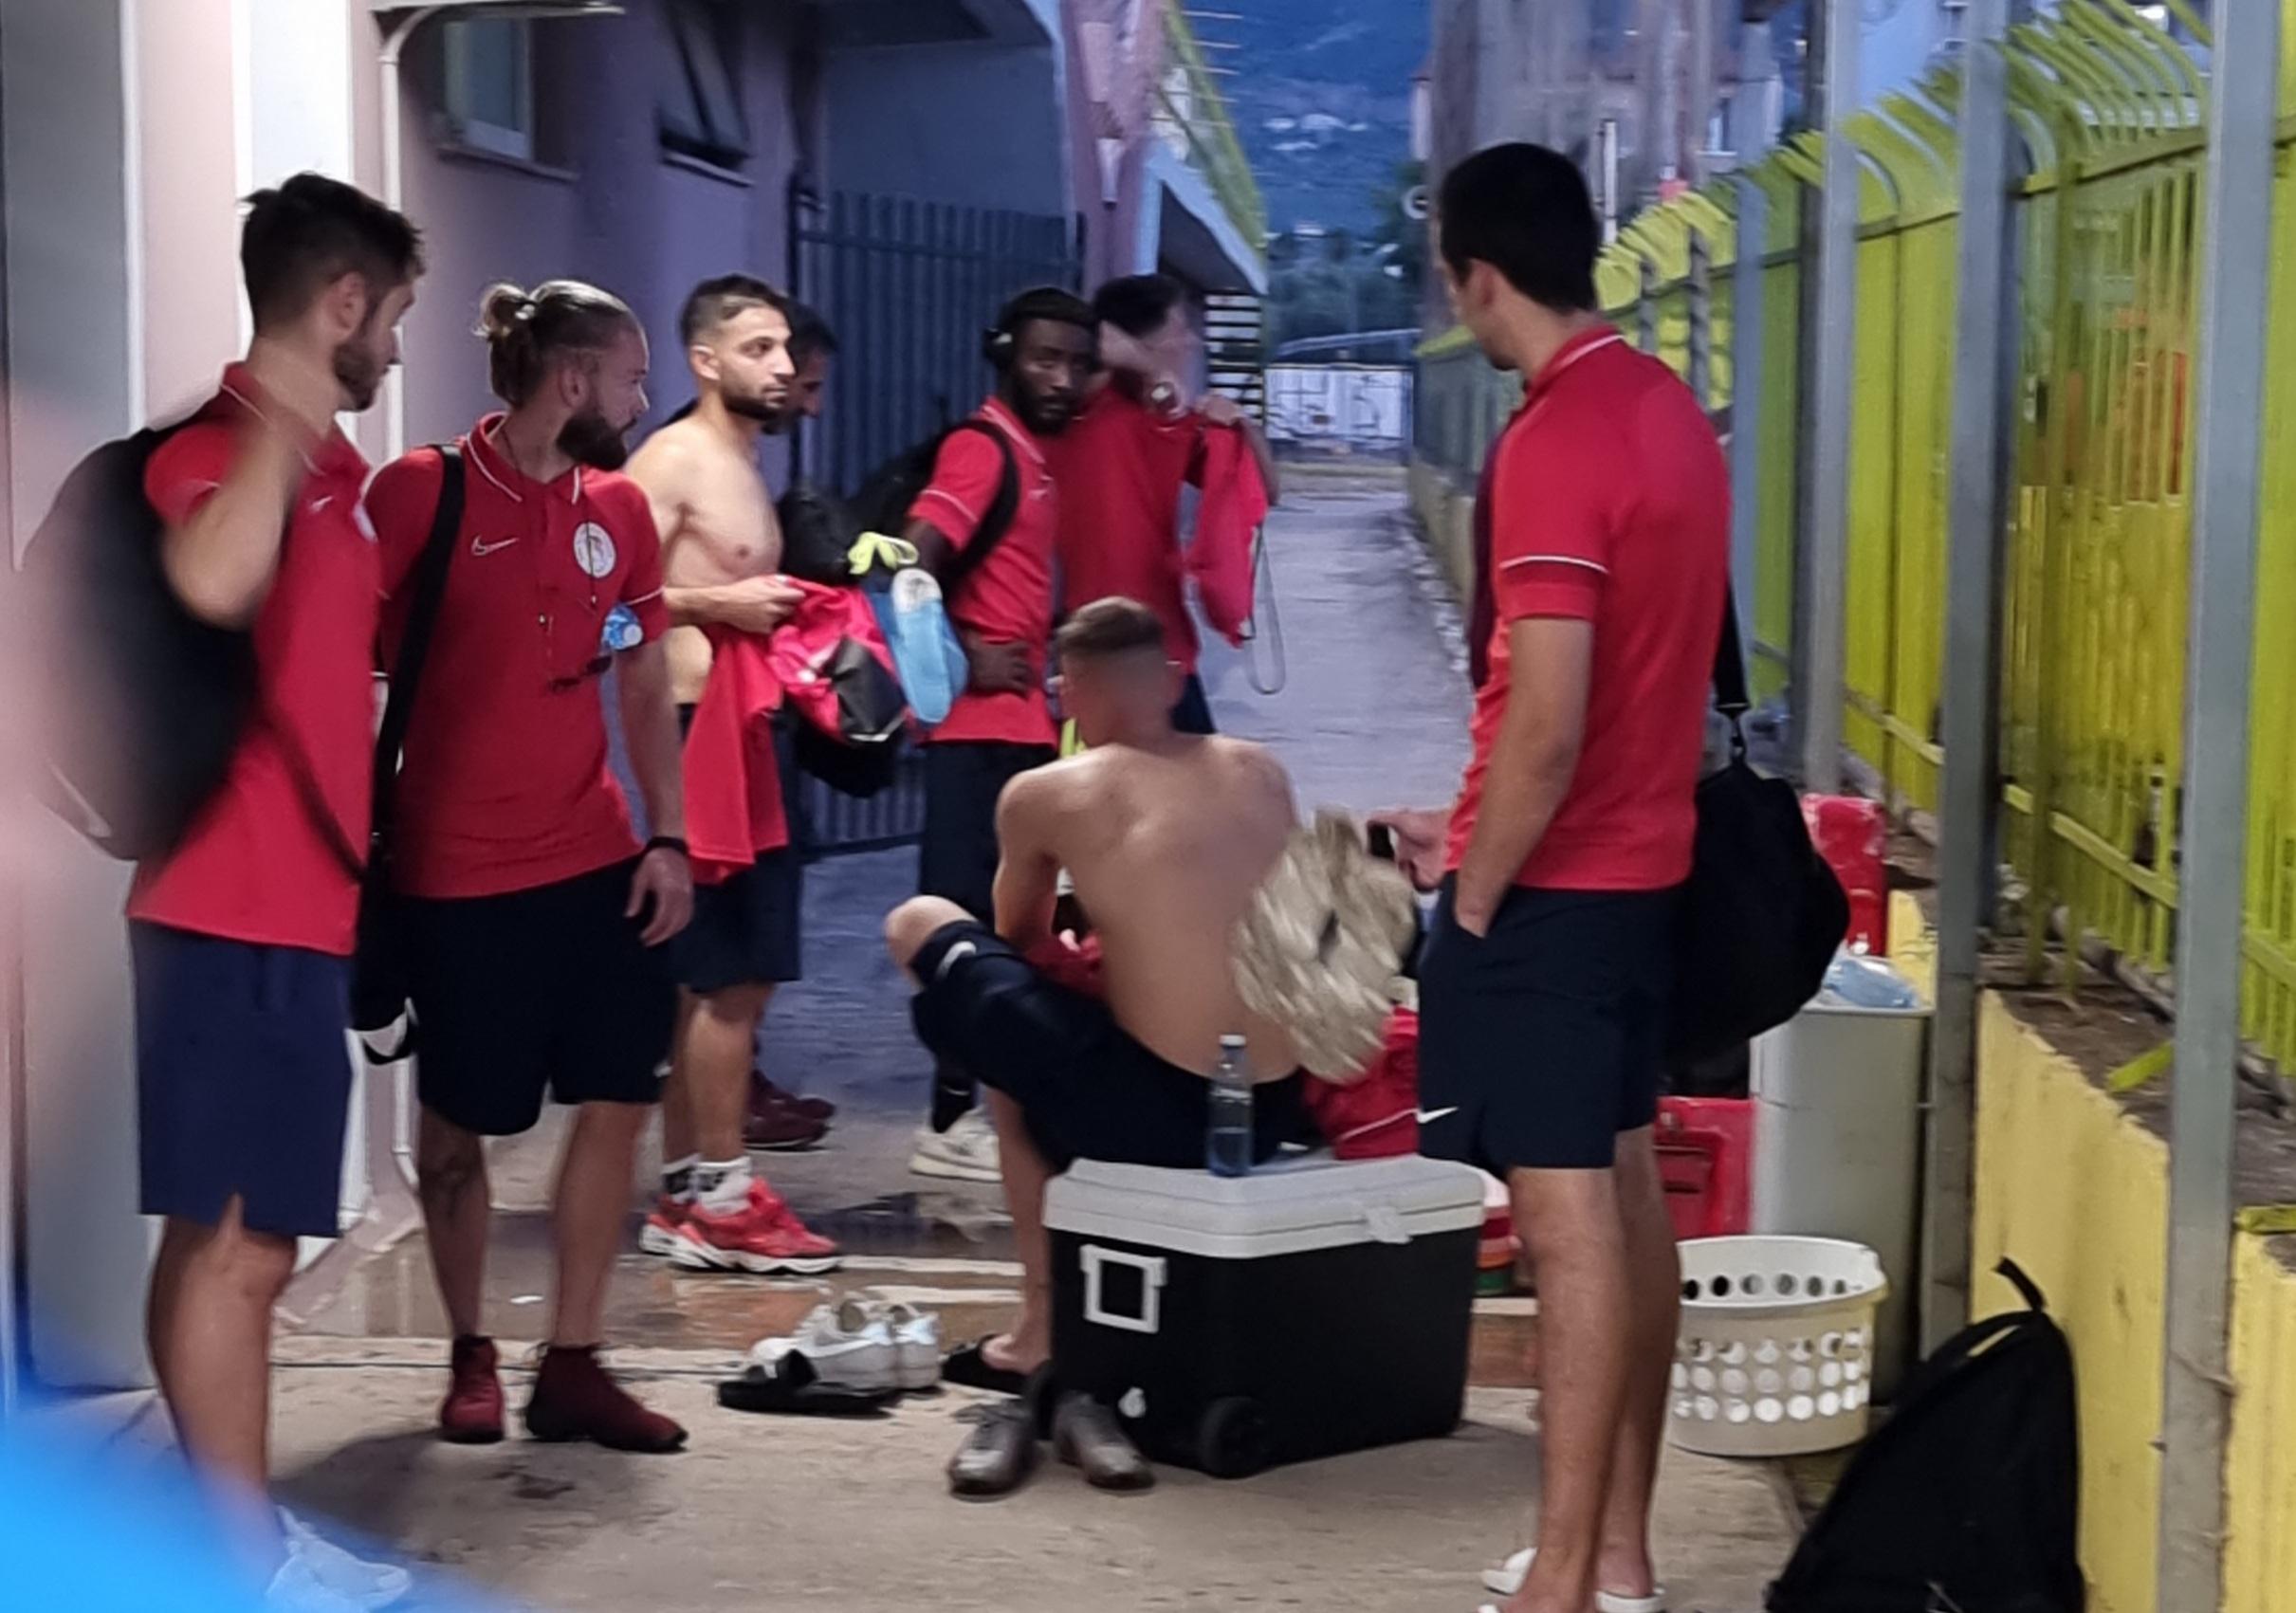 Έκτακτο: Στο νοσοκομείο Καλαμάτας ο Σκοπελίτης του Ολυμπιακού Βόλου (+pics)